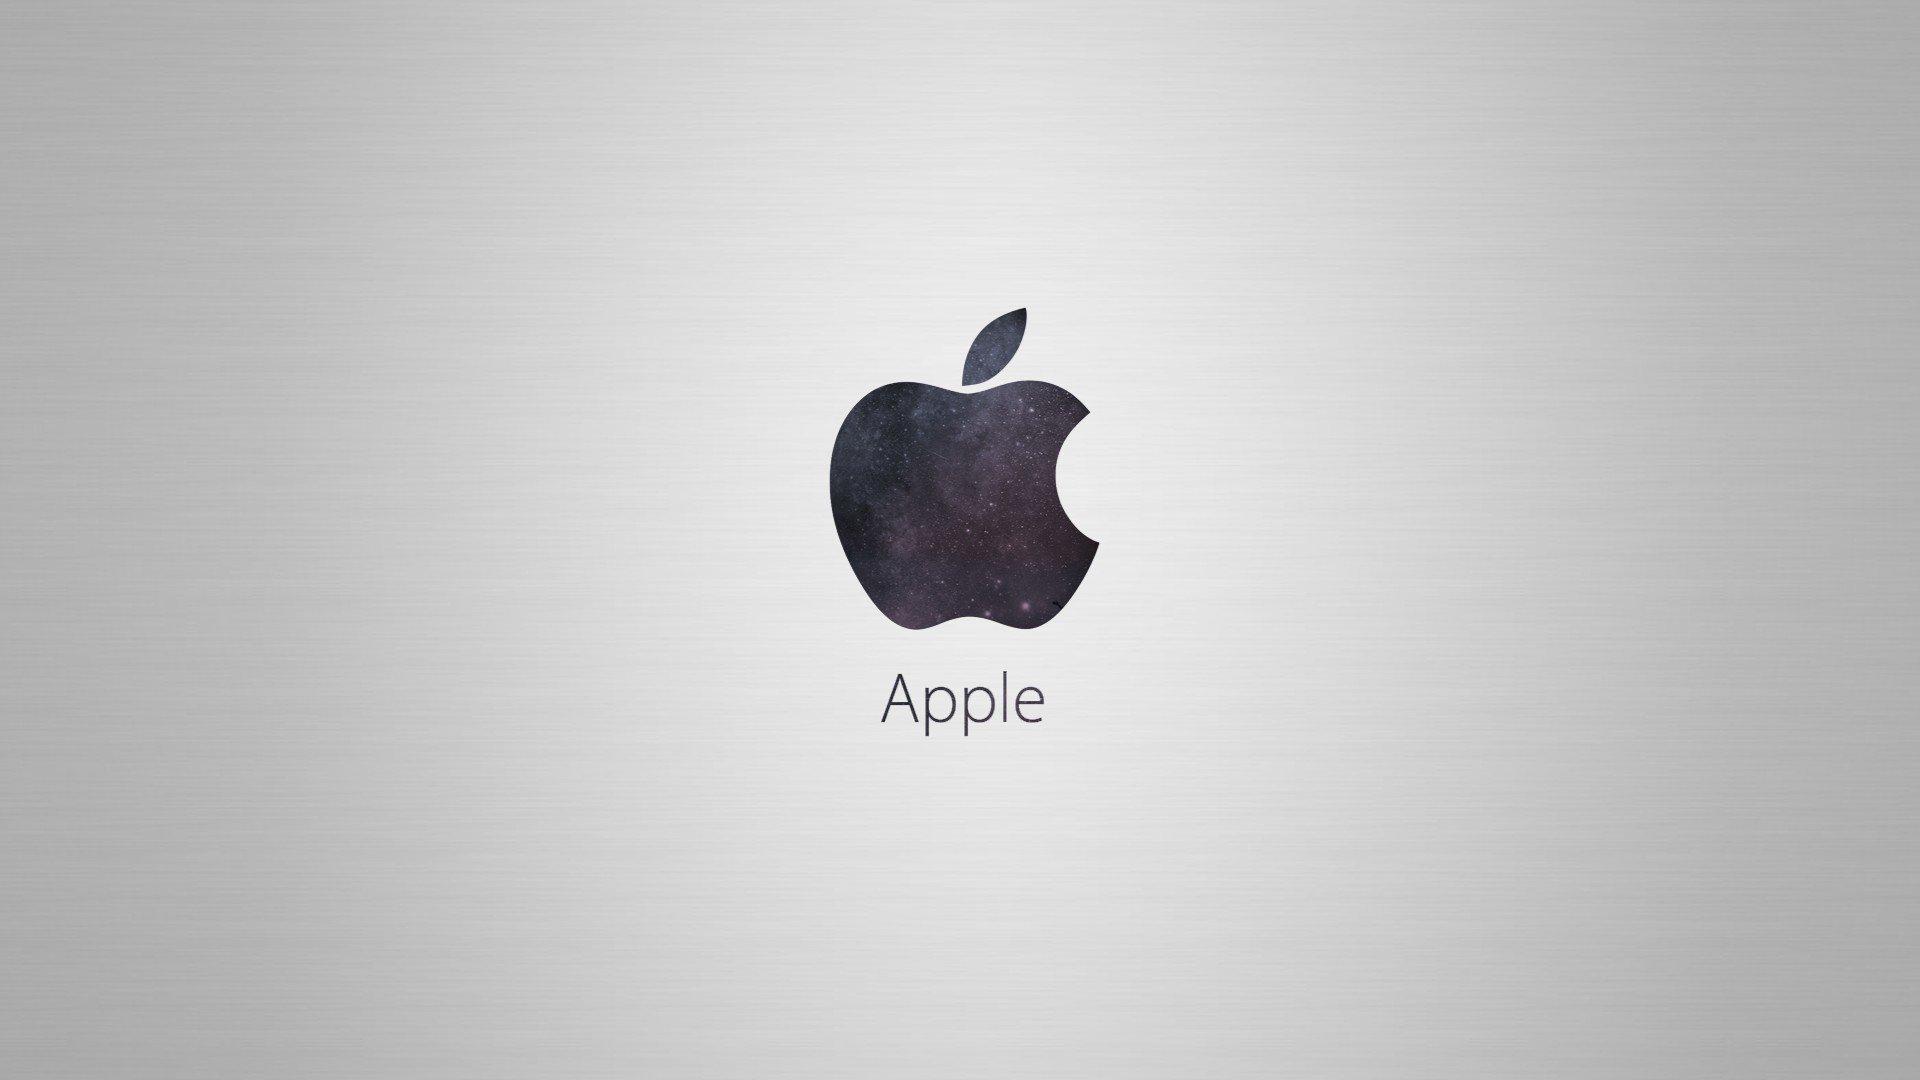 картинки яблоко айфона на рабочий стол этапе